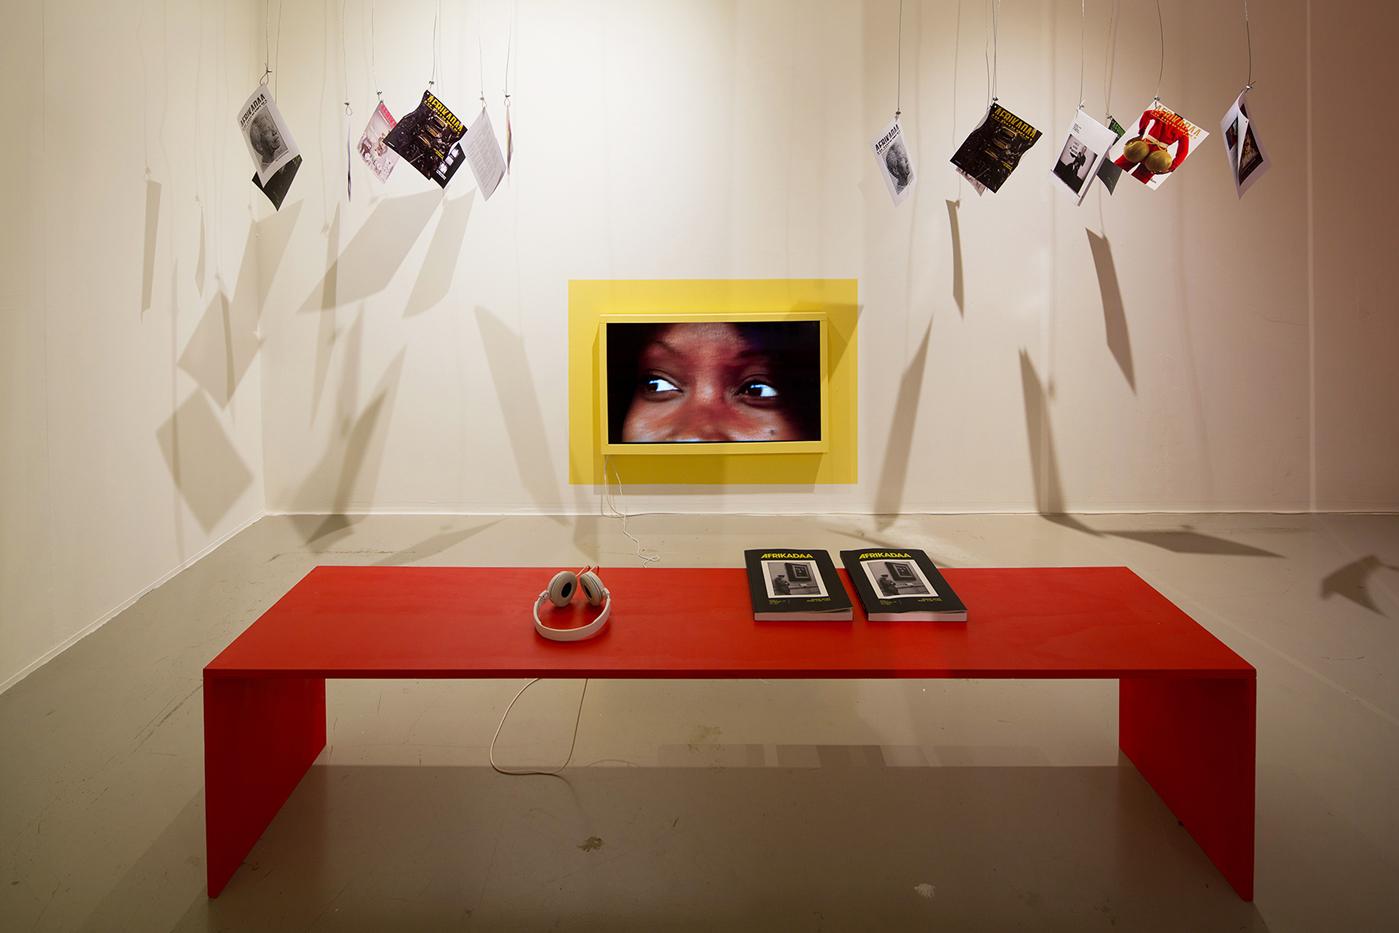 Diasporic Self - Black Togetherness as Lingua at FramerFramed (2019)